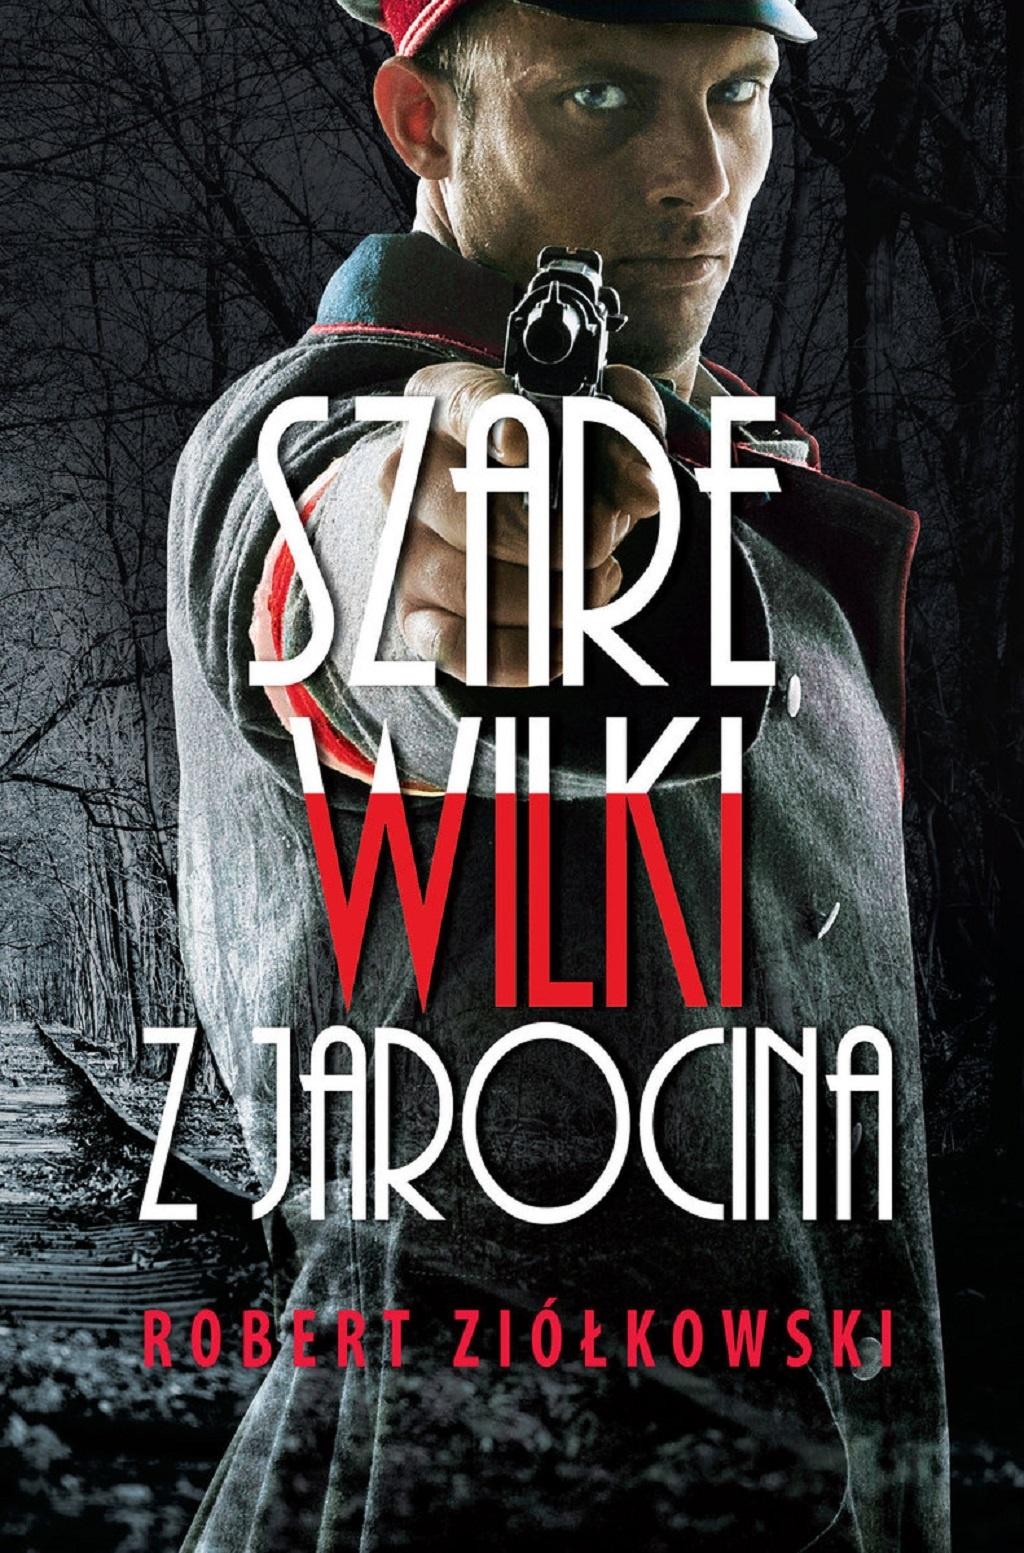 Robert Ziółkowski – Szare wilki z Jarocina